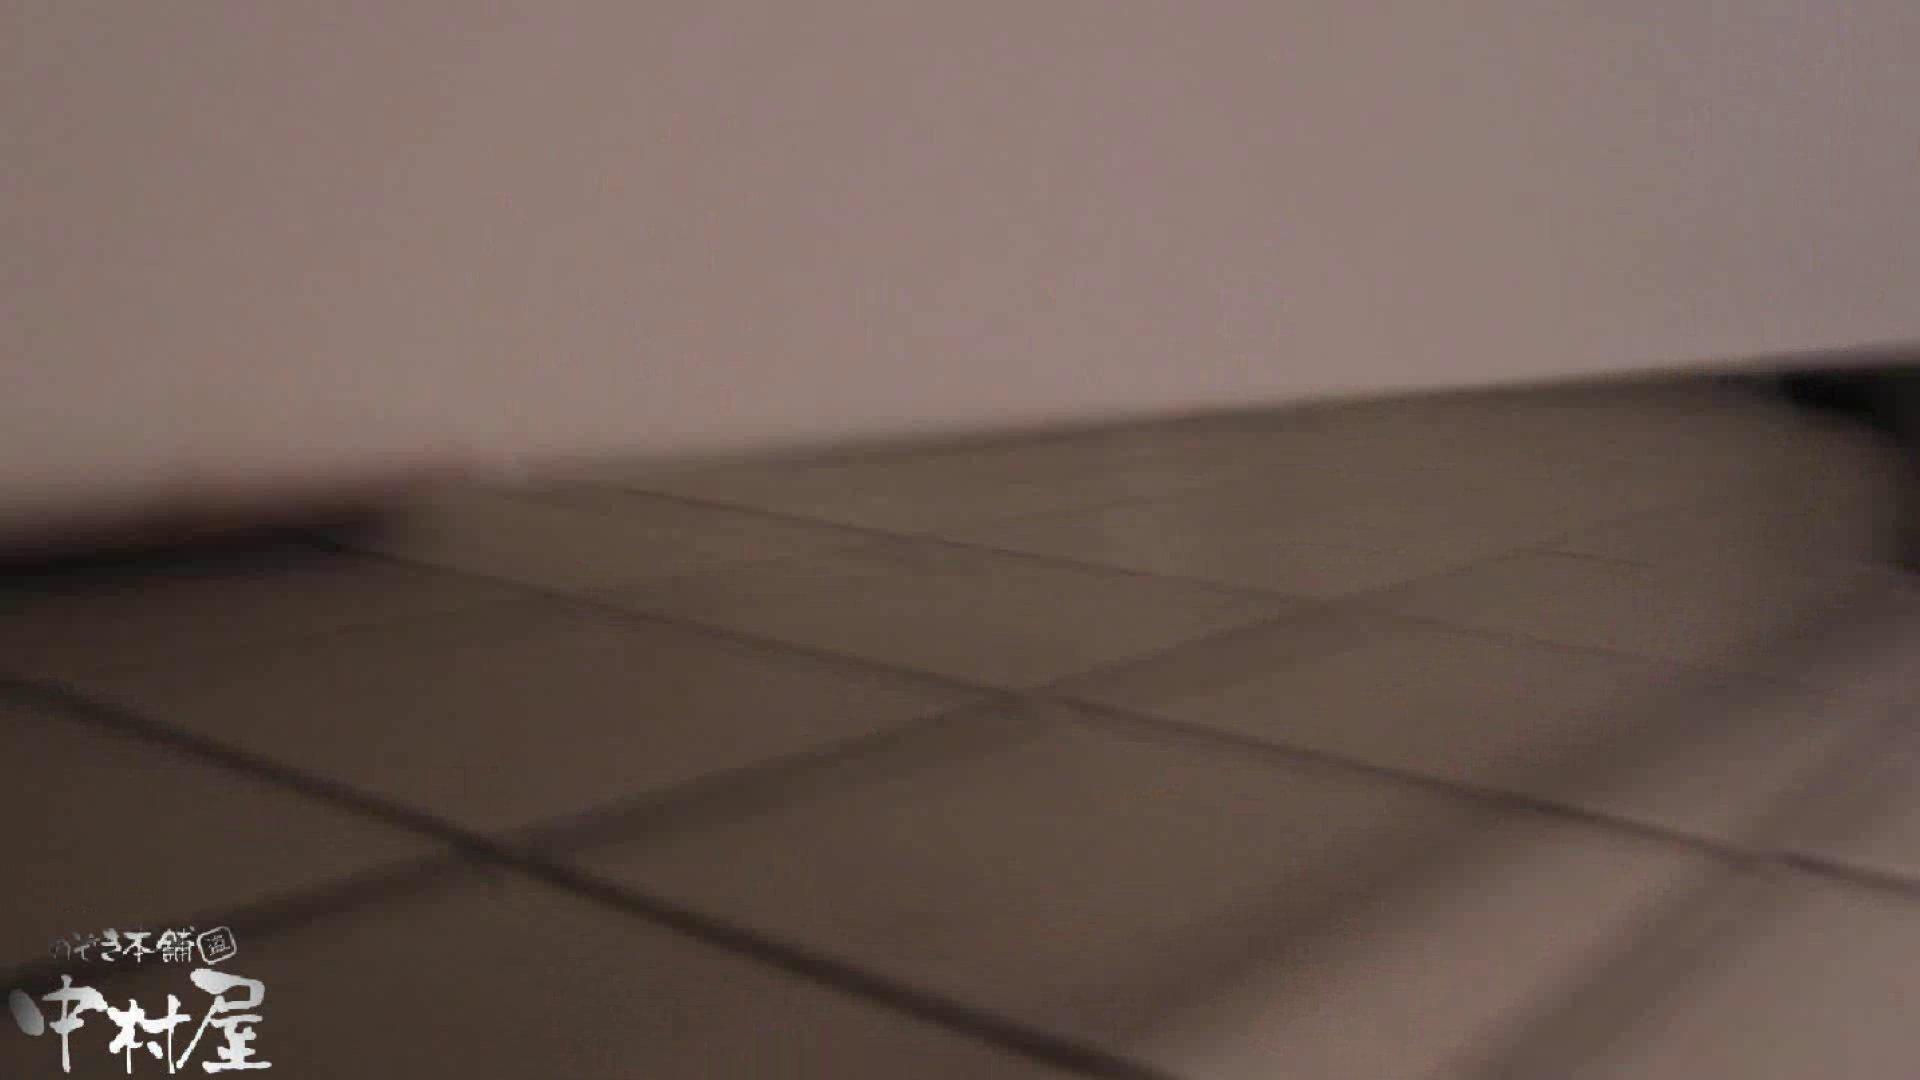 魂のかわや盗撮62連発! セレブ嬢の黄金水! 28発目! 盗撮シリーズ | 黄金水  80PIX 29